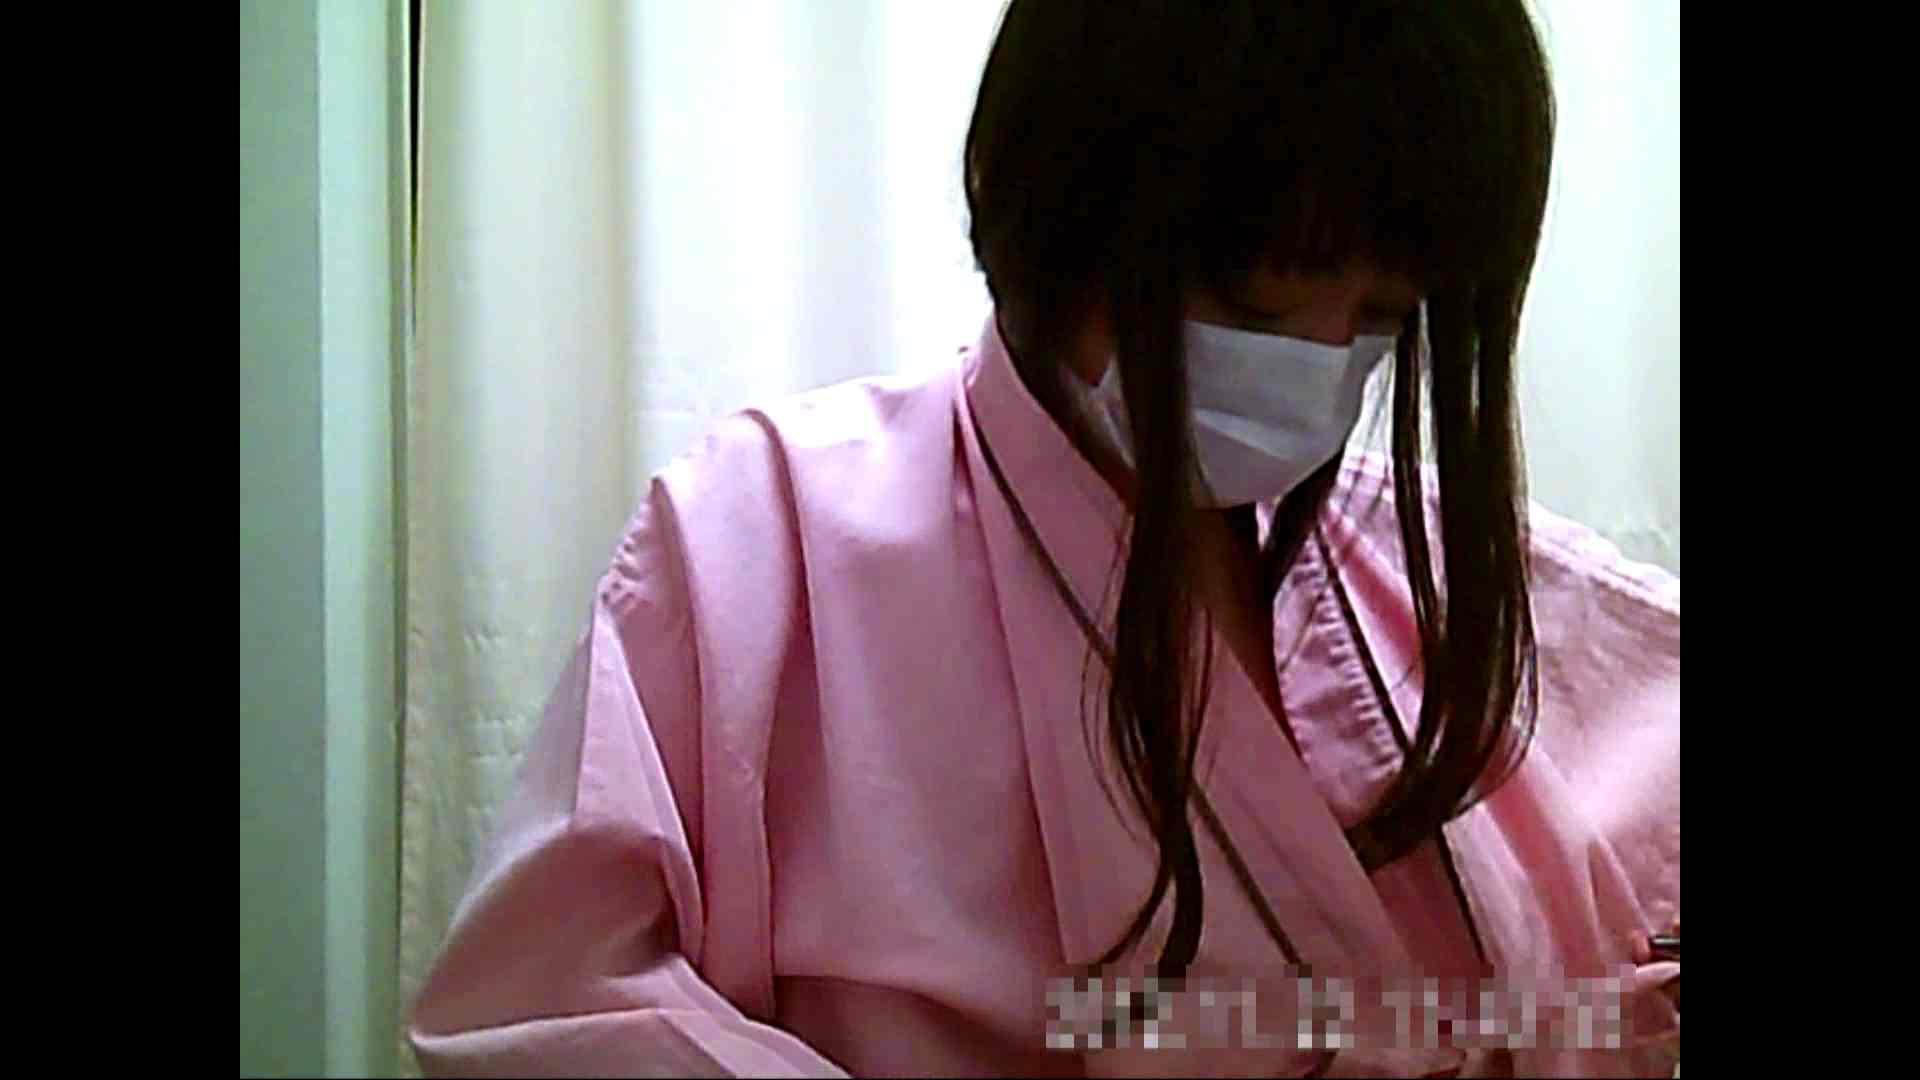 病院おもいっきり着替え! vol.157 独身エッチOL | 貧乳  44pic 2